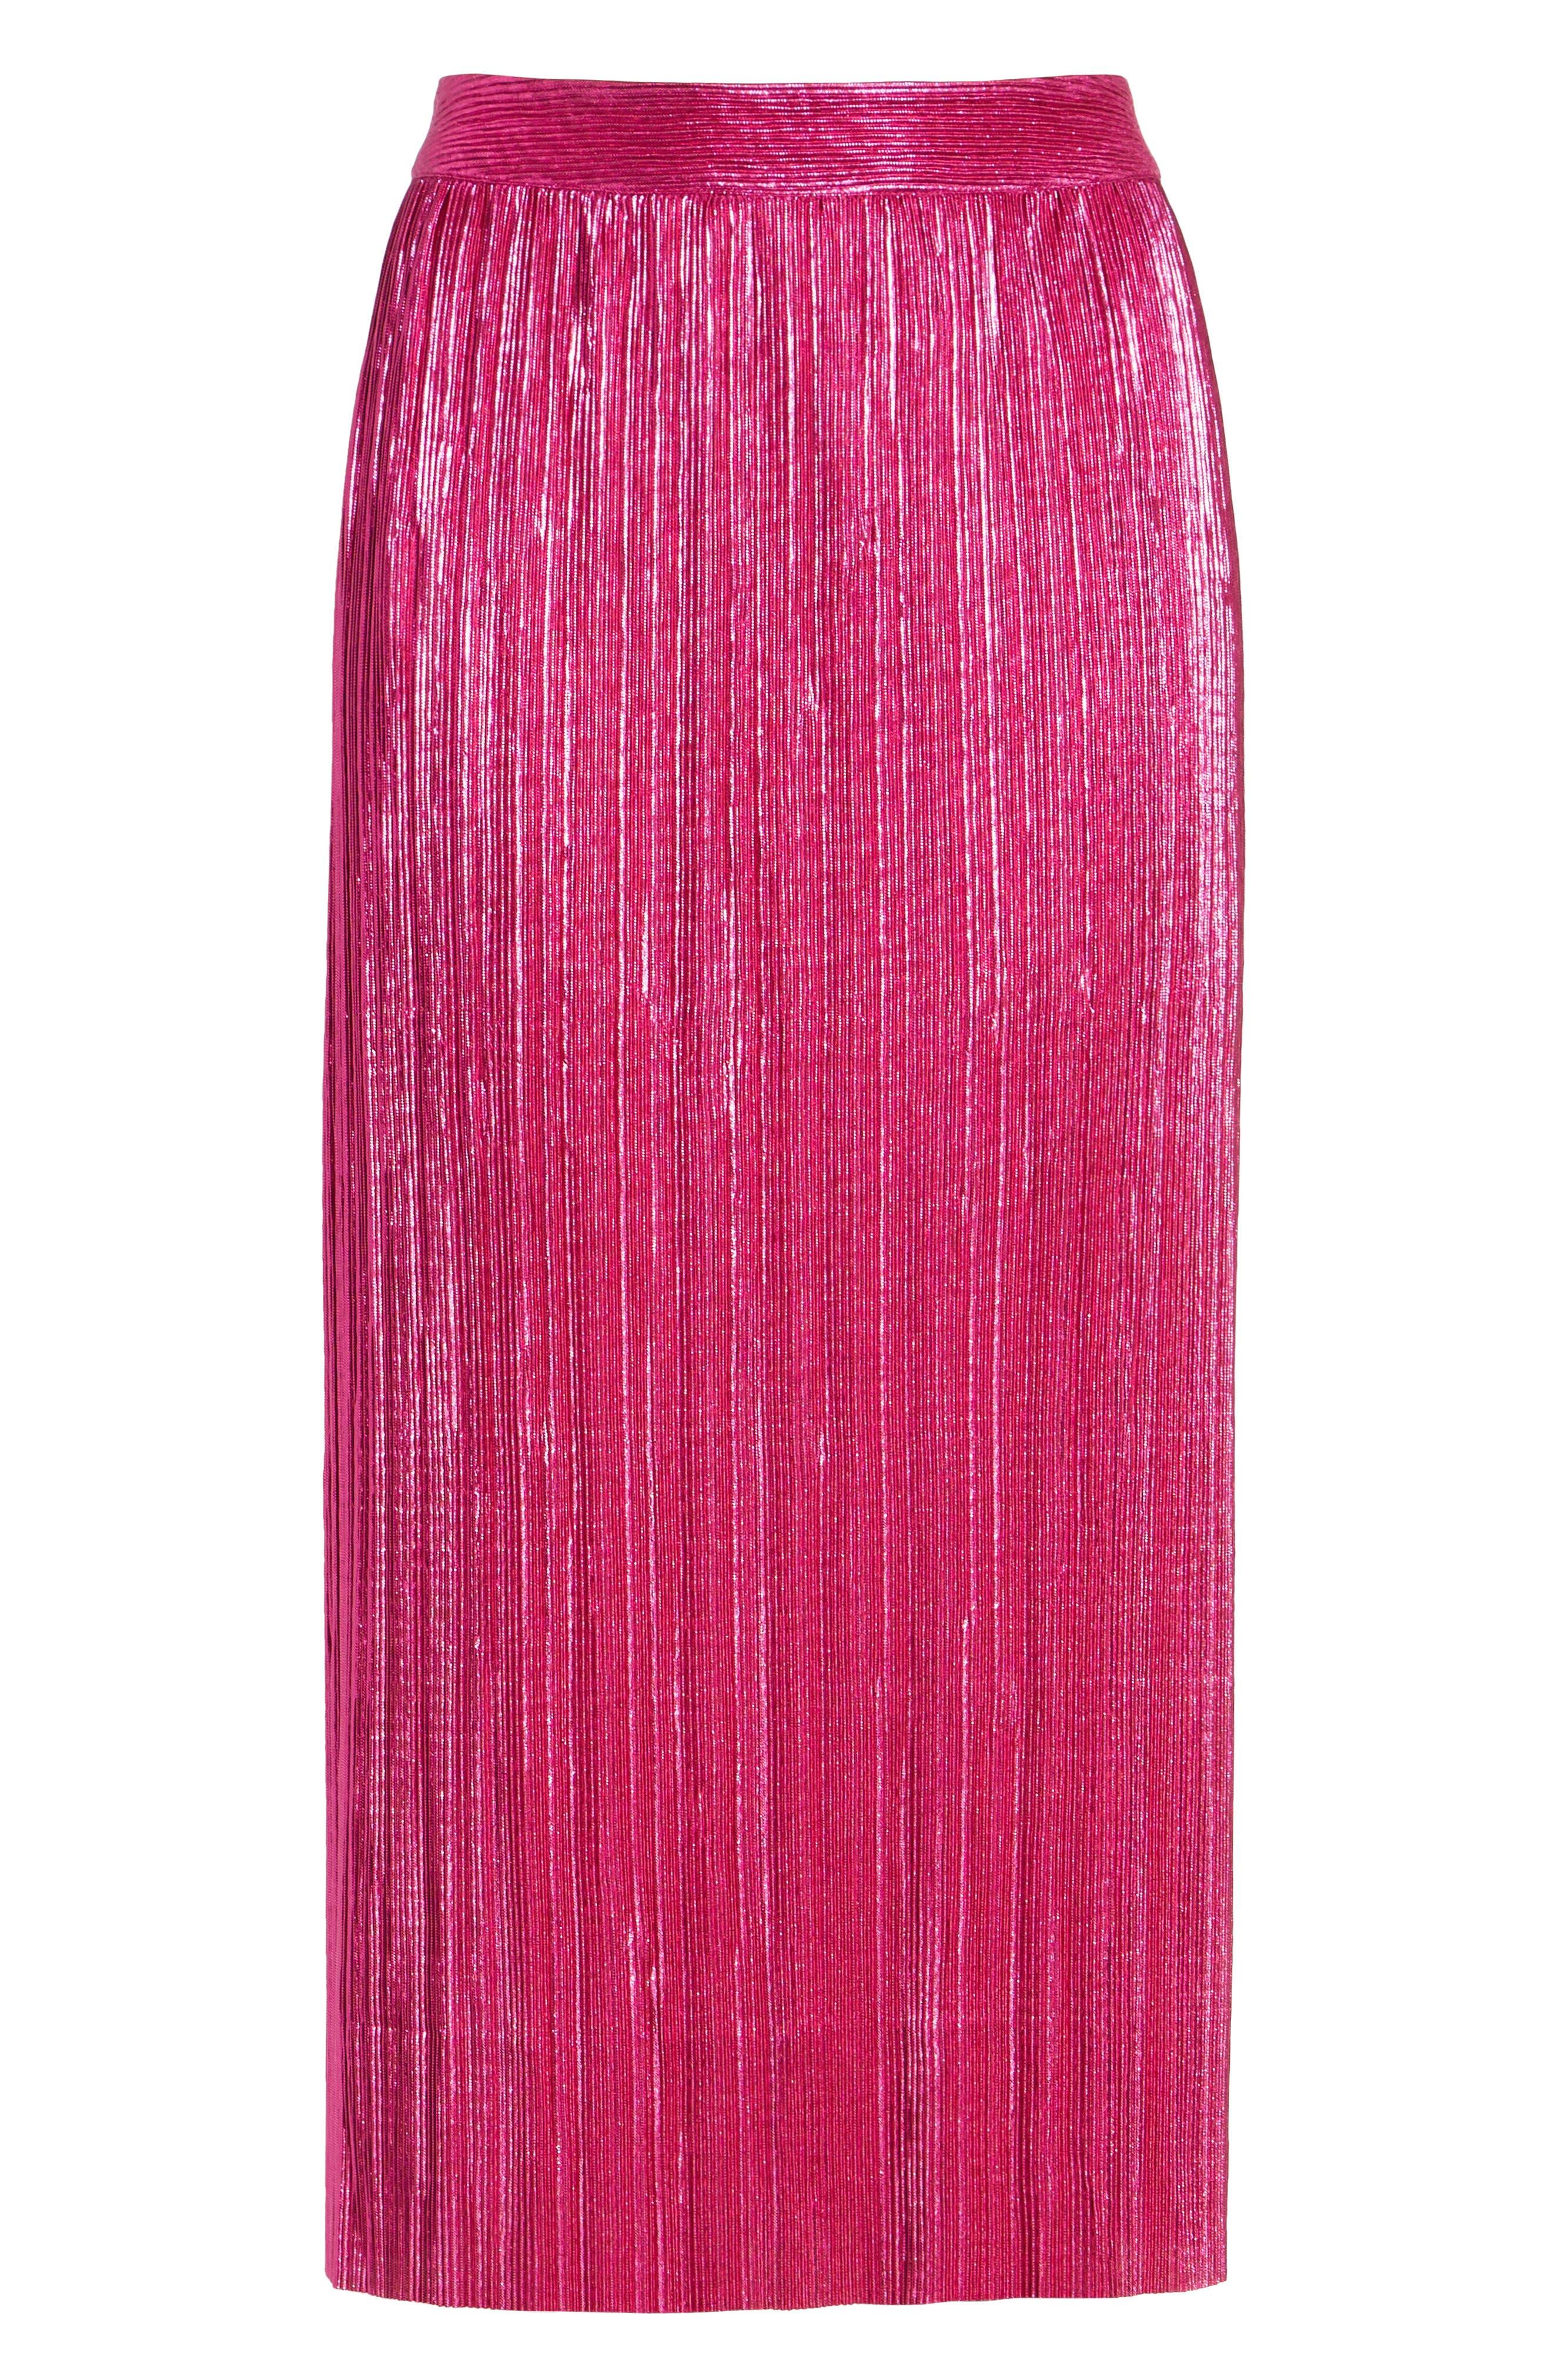 Marion Midi Skirt,                             Alternate thumbnail 6, color,                             650